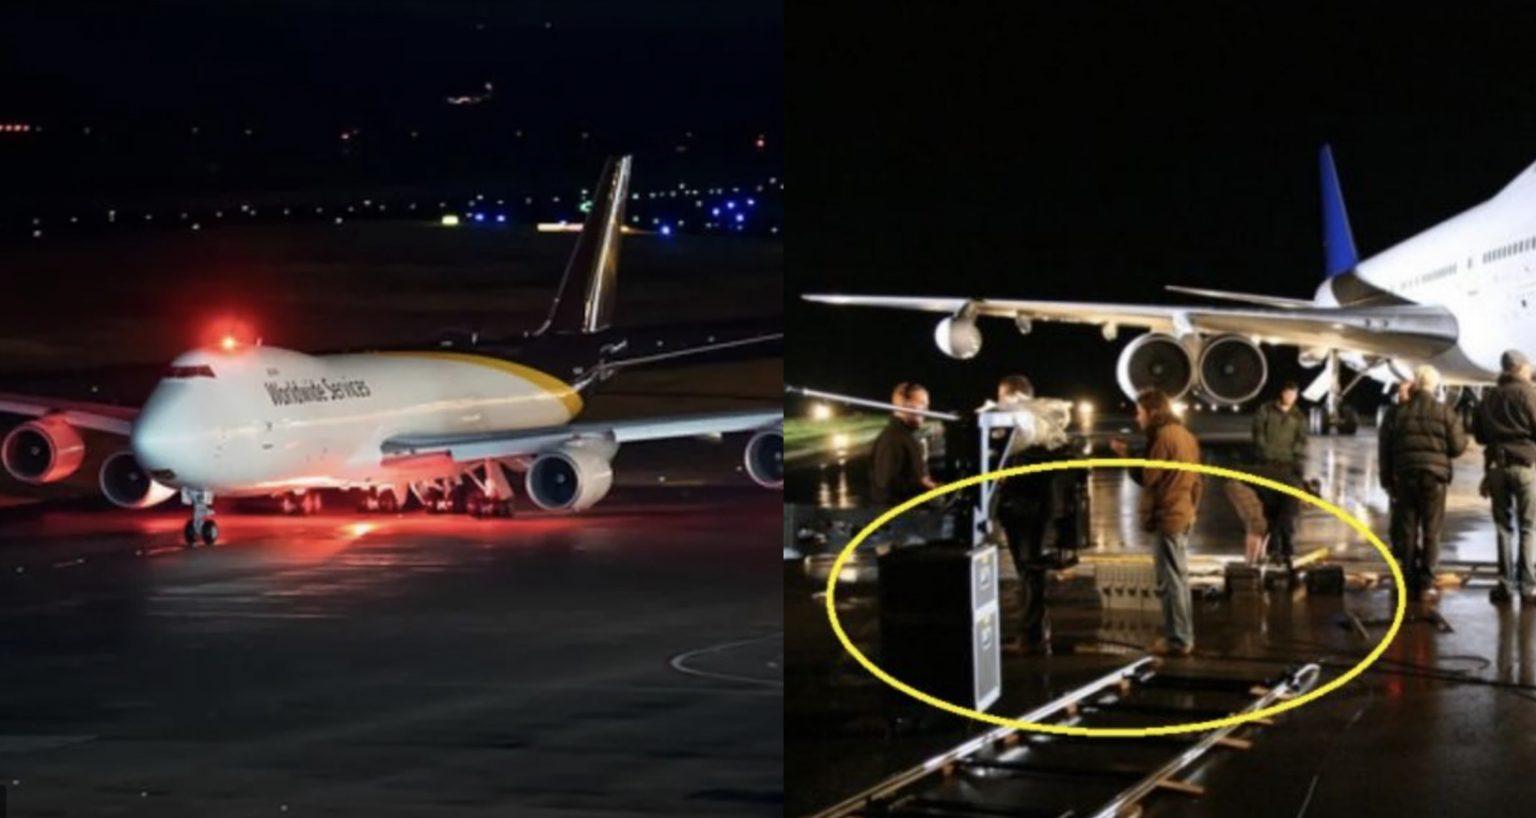 В Путіна виступив холодний піт від побаченого: 15 хв. назад в Україну прилетів Boeing 747: Азербайджан відправив Києву таємний вантаж через стягування армії РФ